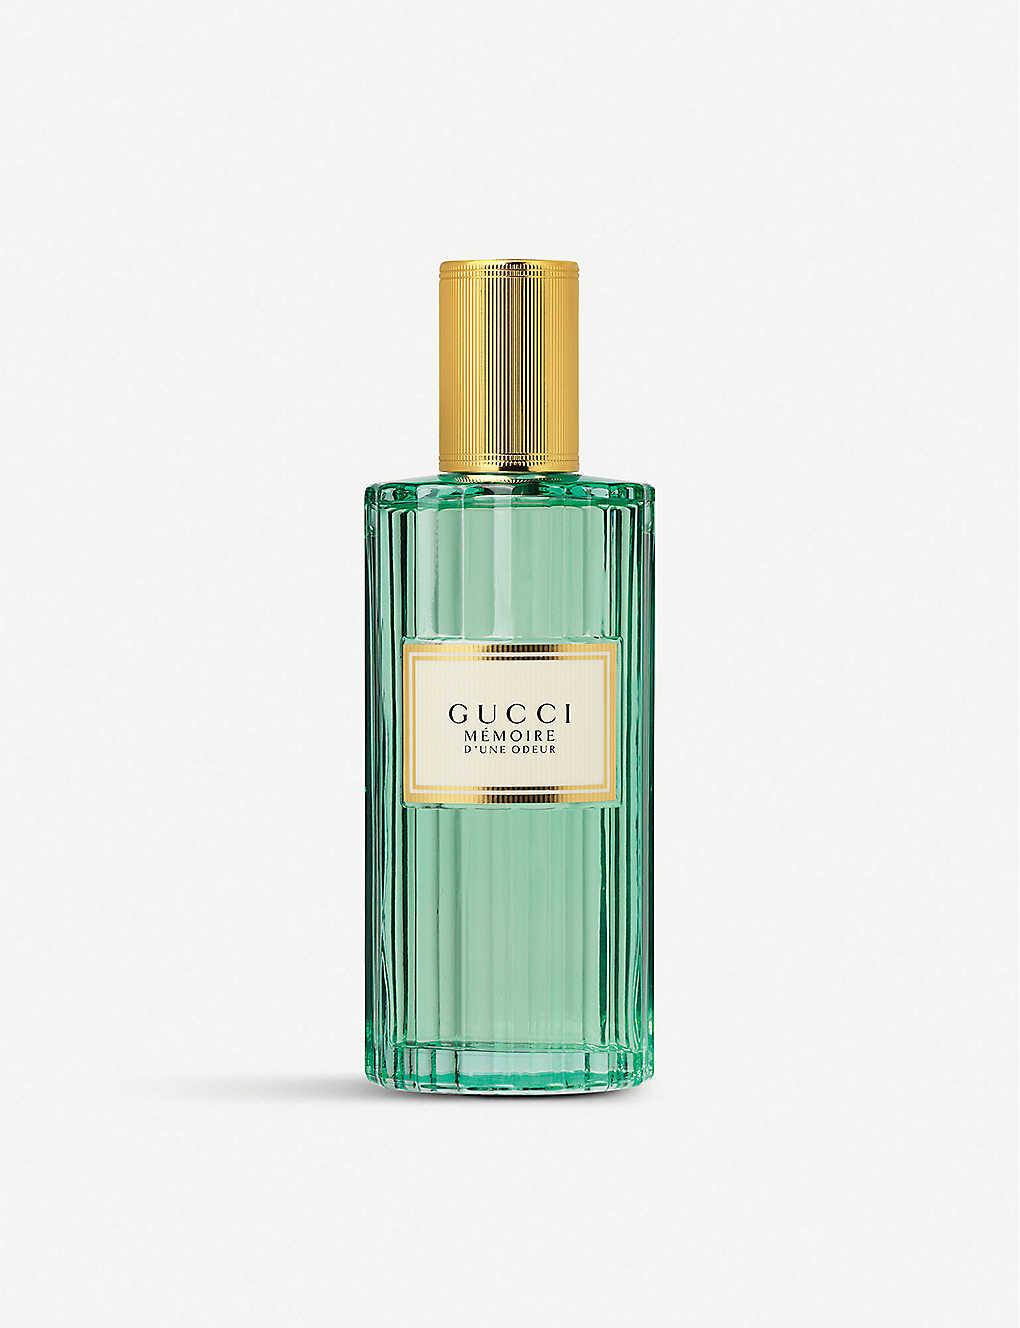 GUCCI: Memoire d'une Odeur eau de parfum